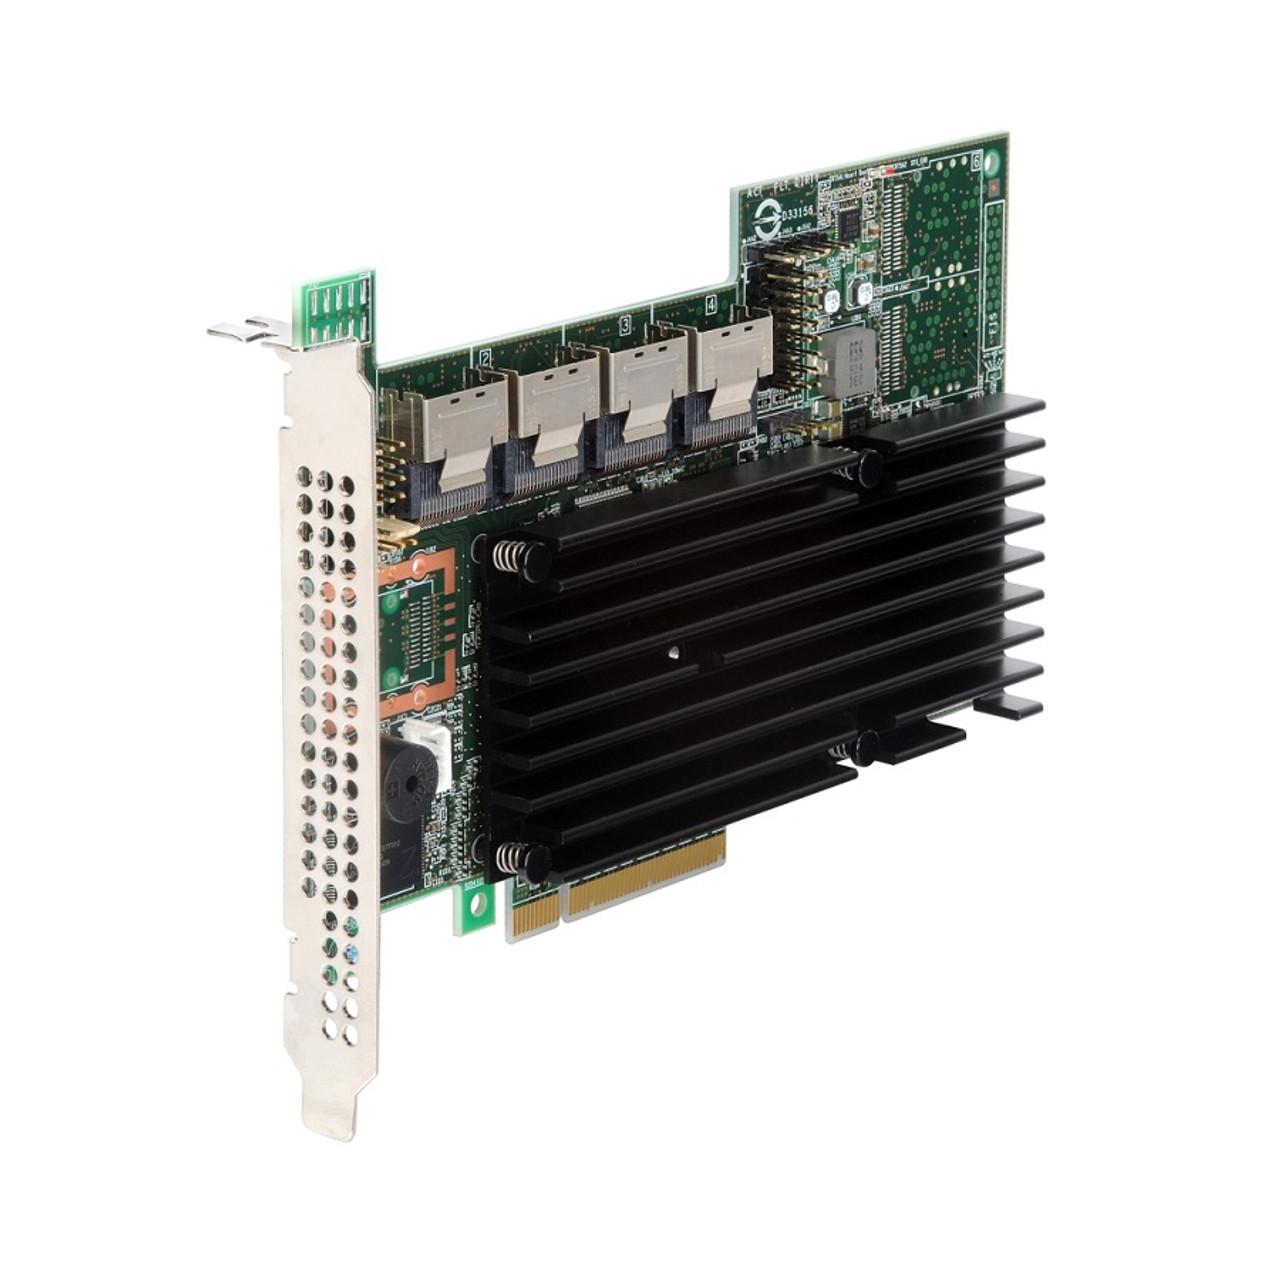 081RK6 - Dell IDRAC 7 Enterprise Remote Access Card for Dell PowerEdge  R320/R420/R520